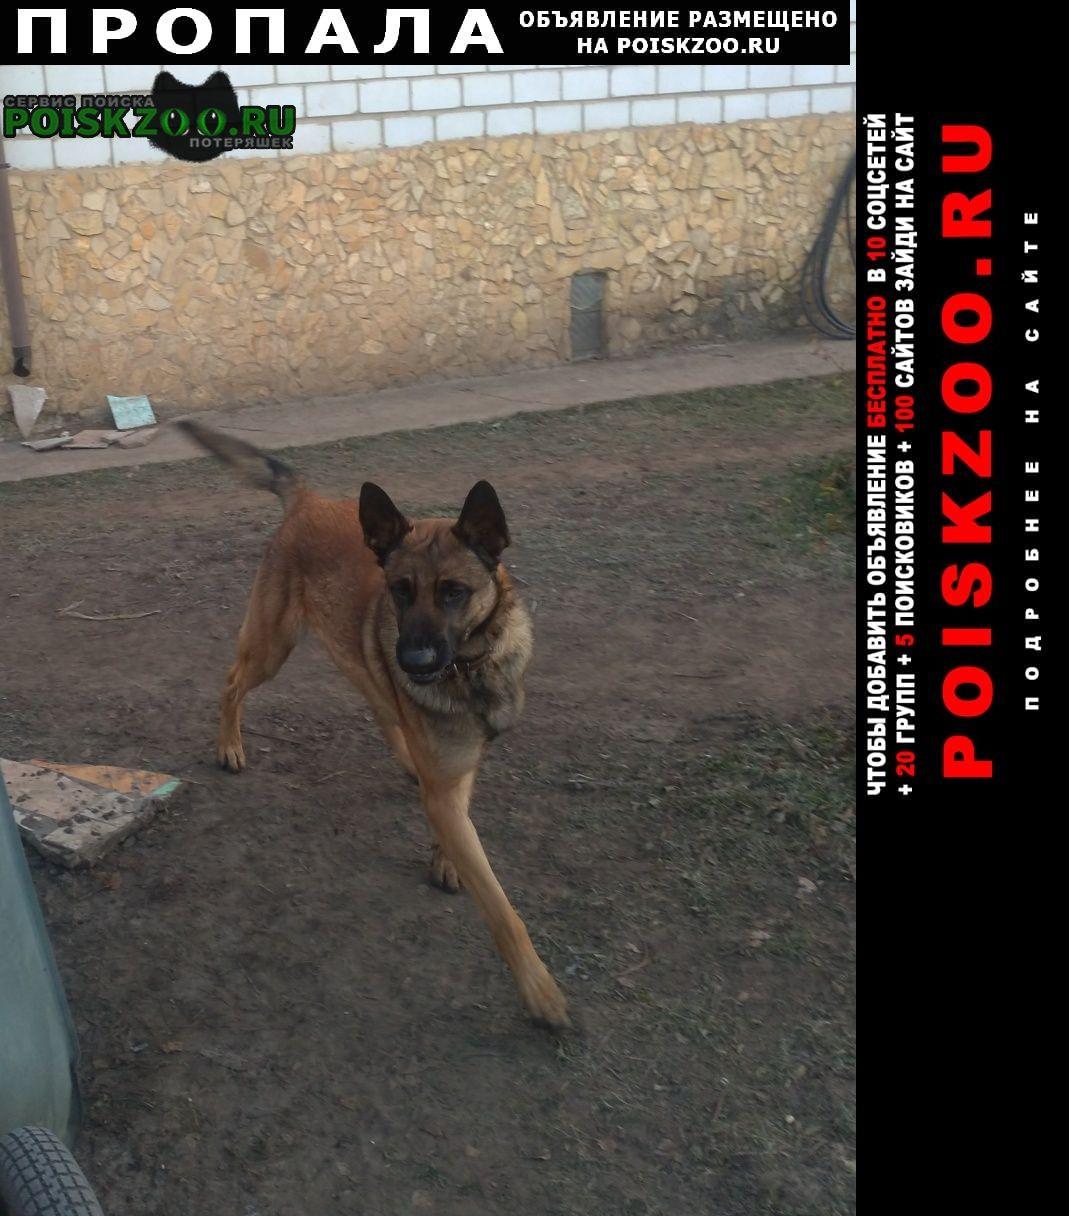 Пропала собака помогите найти  Знаменское (Орловская обл.)